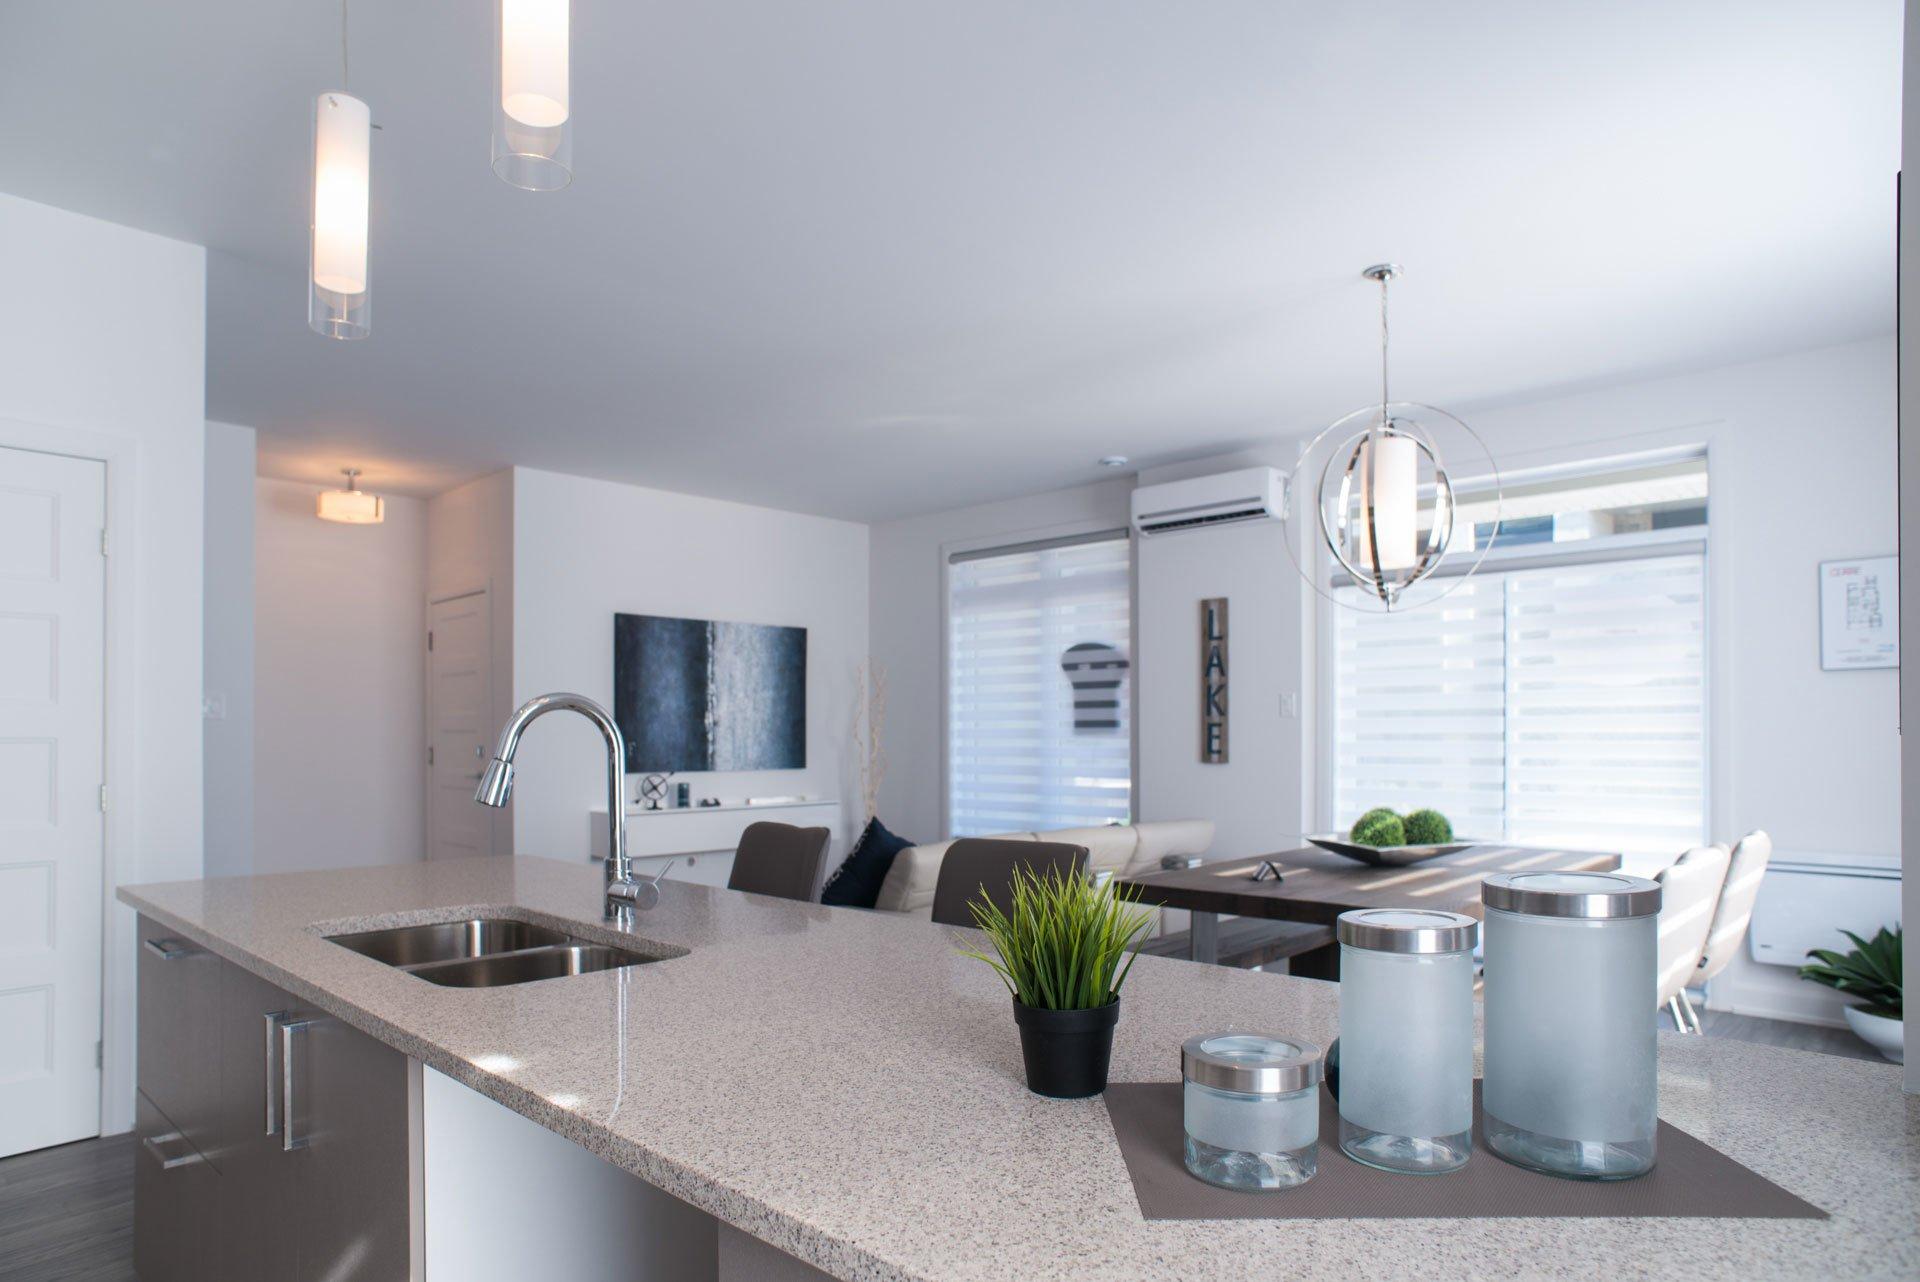 Les Quatre Condominiums Blainville